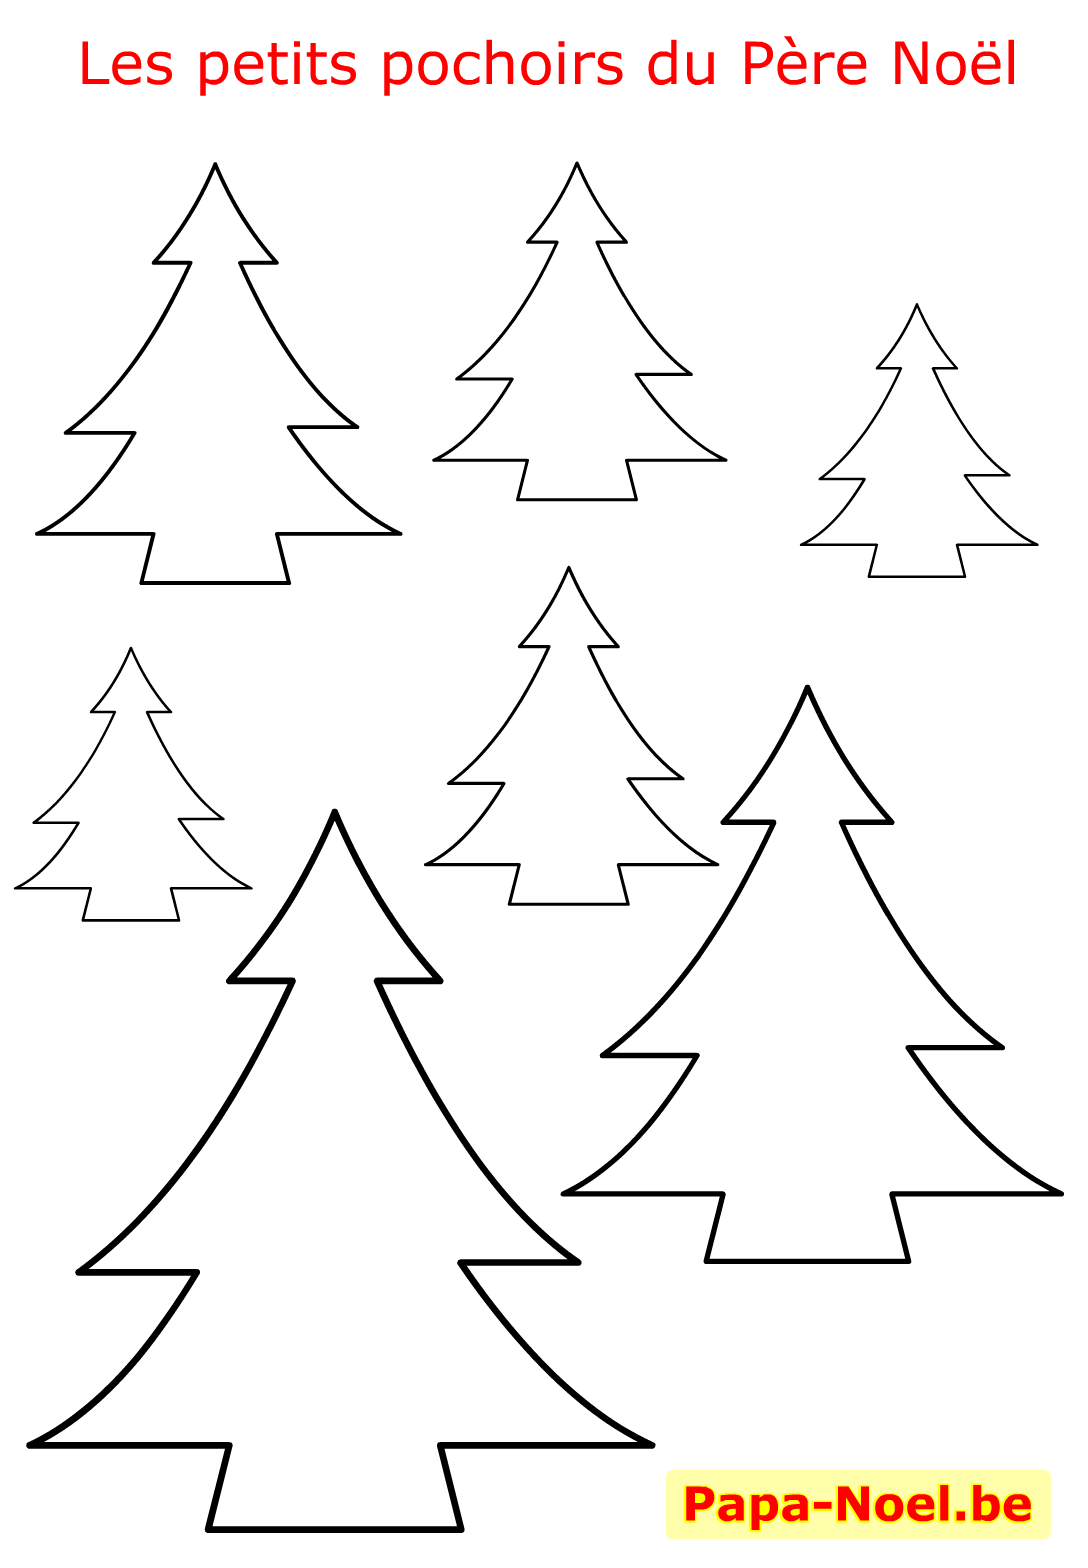 NOEL Pochoir de sapin de NOEL pochoirs à imprimer gratuit sapins Noël maternelle